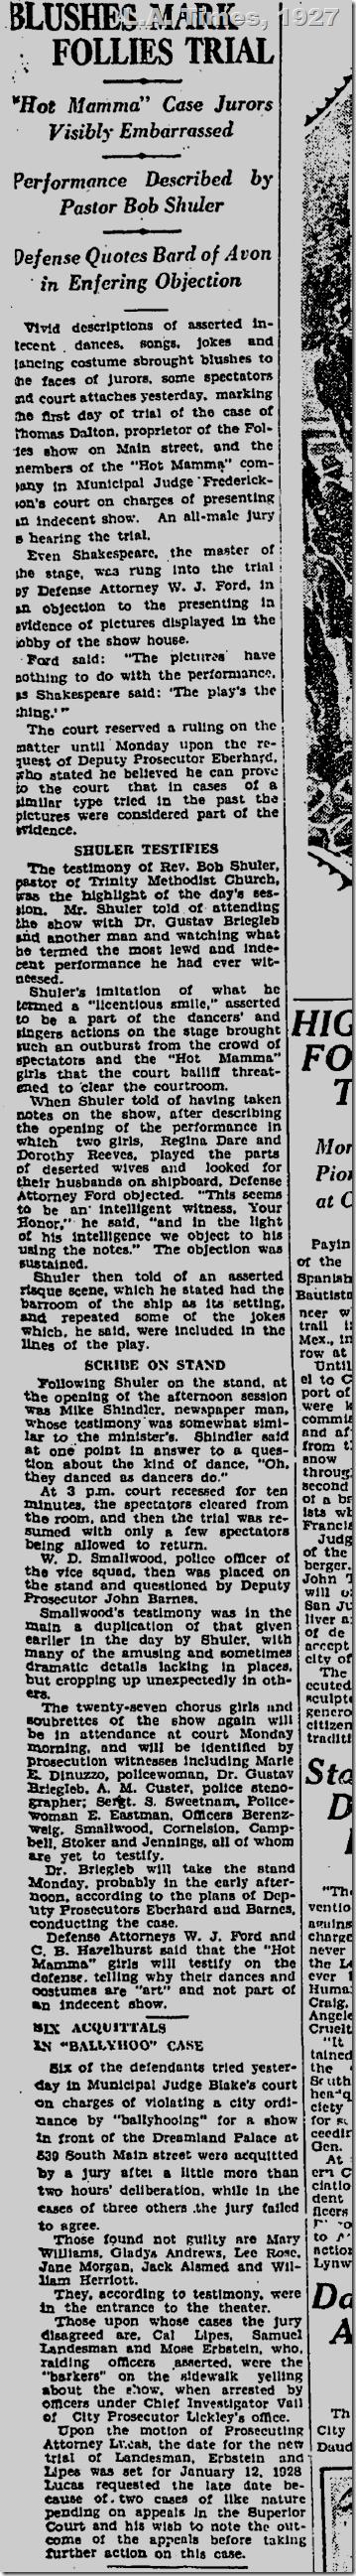 Dec. 3, 1927, L.A. Times